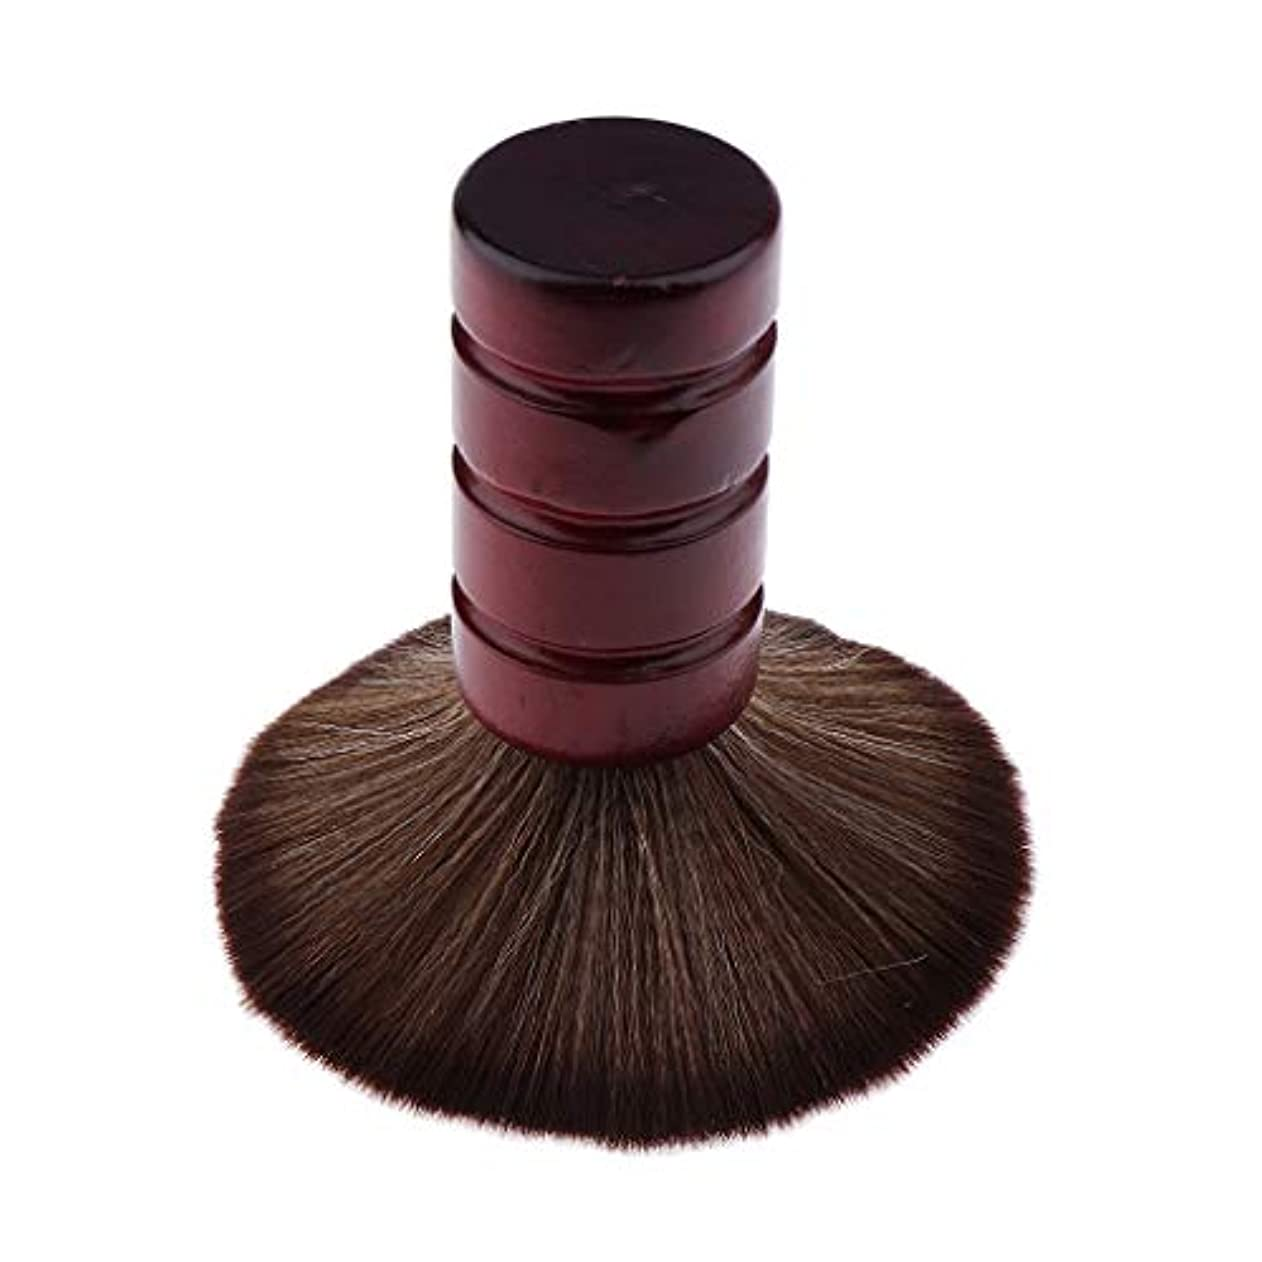 トイレ感謝ラジウムヘアカット ネックダスターブラシ バーバー ヘアーサロン シェービング 美容ブラシ